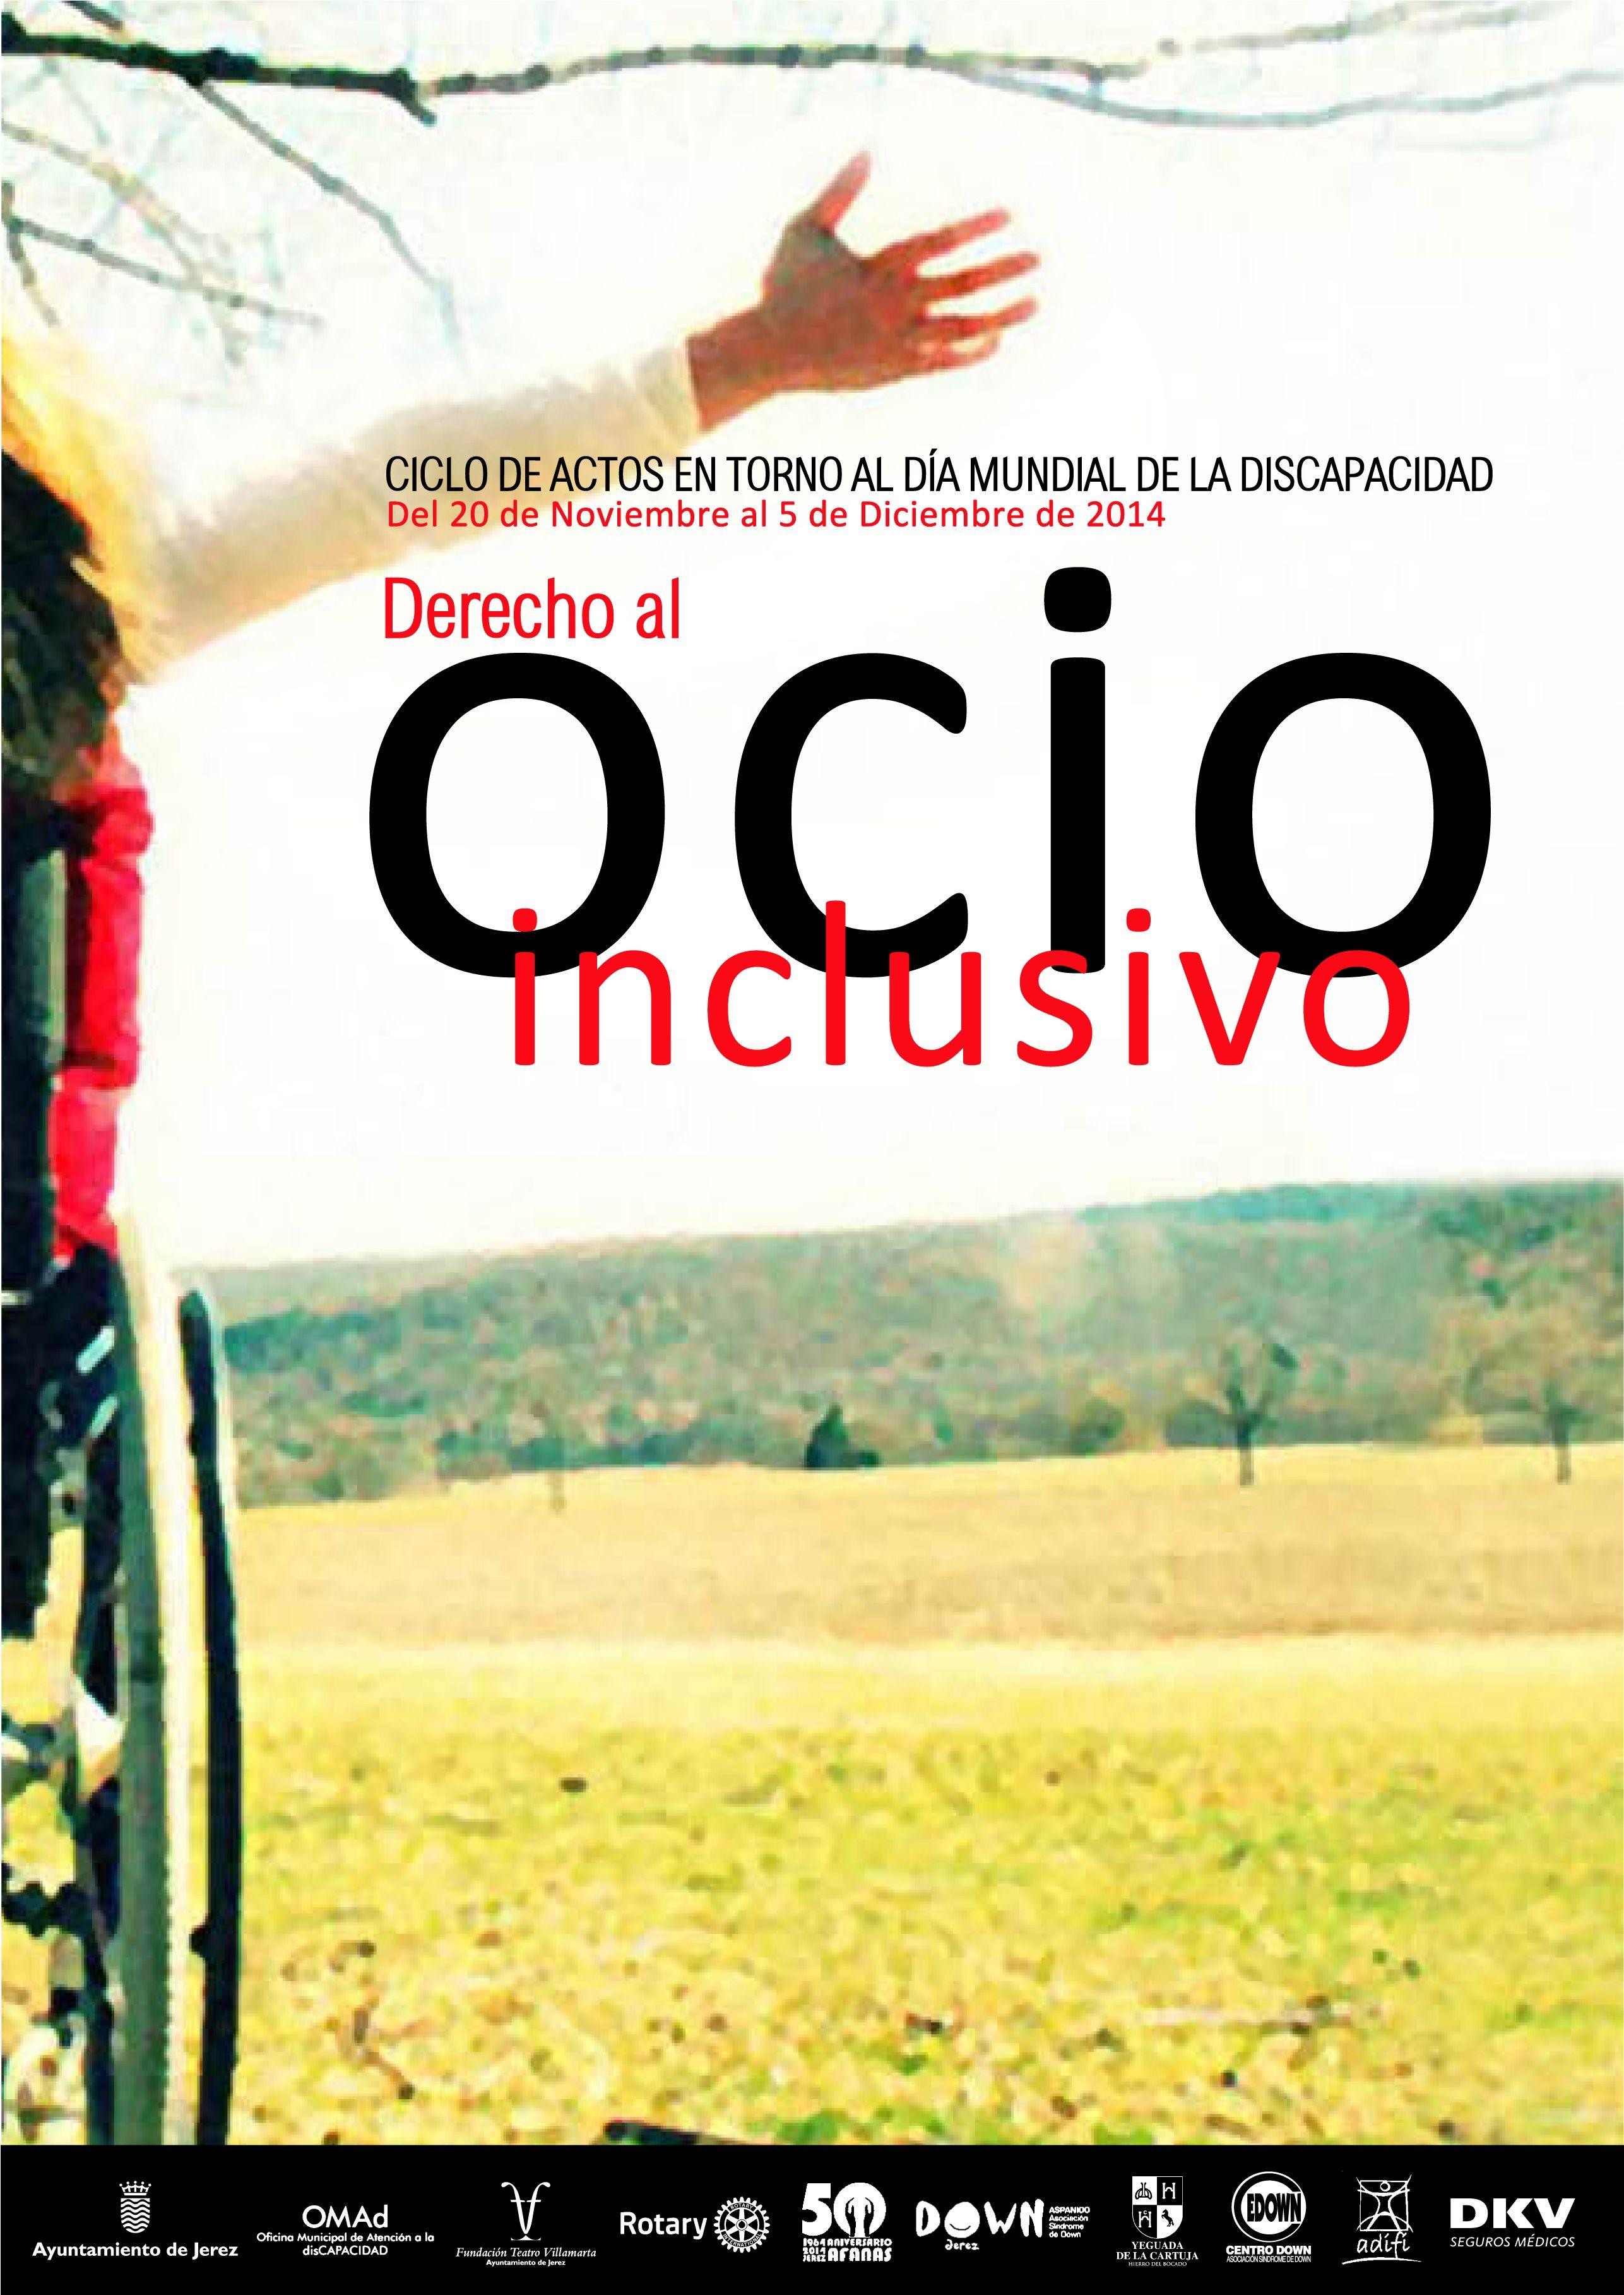 Cartel_Ciclo_de_Actos_disCAPACIDAD_2014_ Ocio Inclusivo Jerez